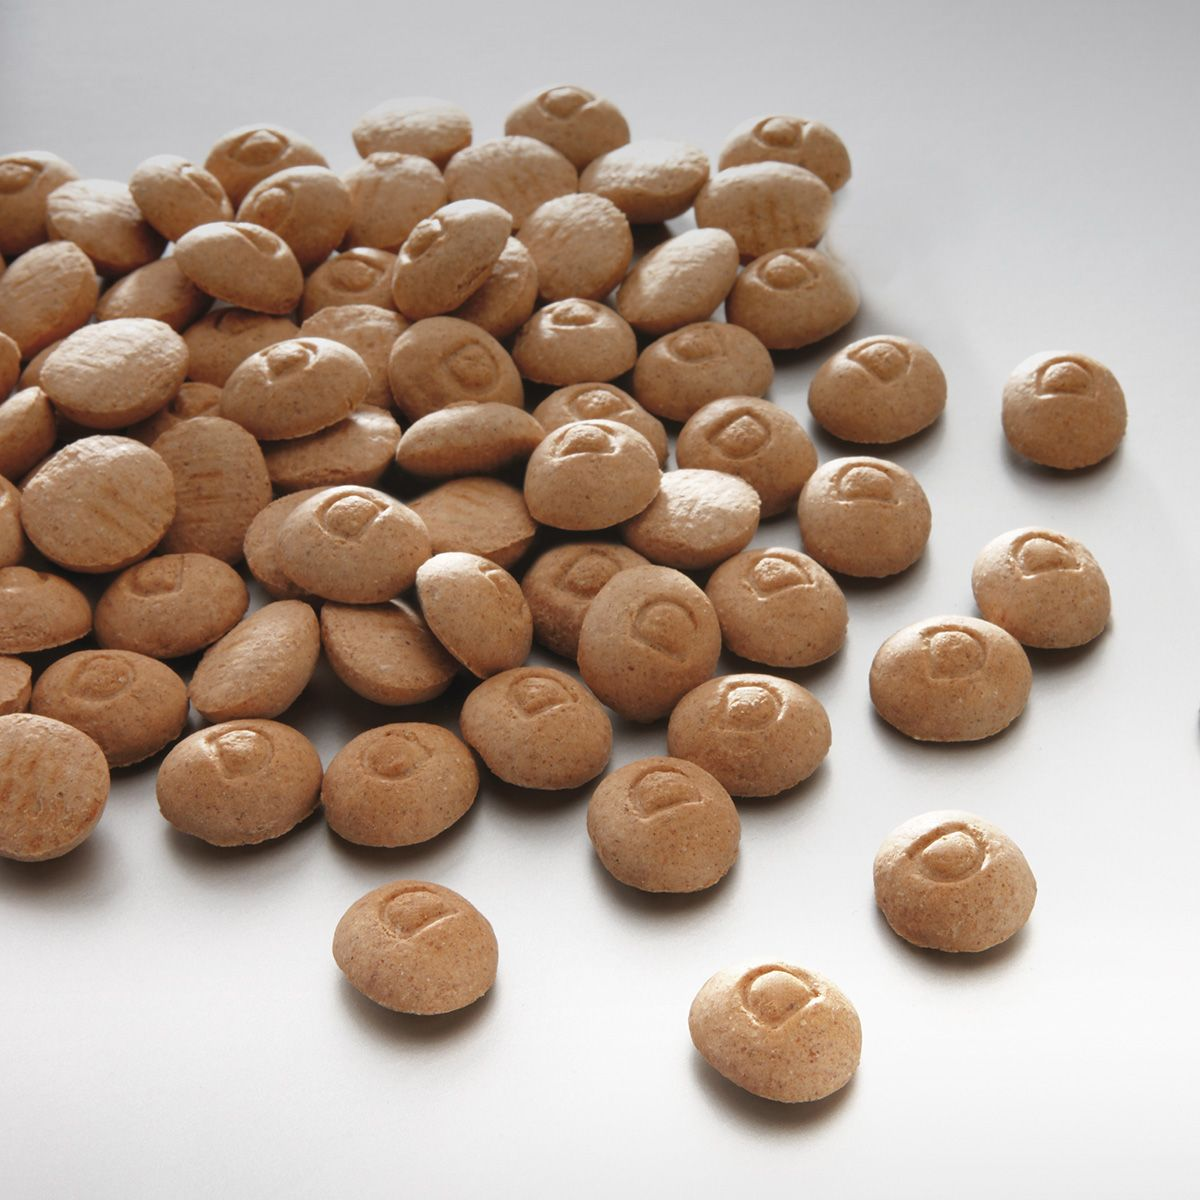 Лакомство для собак Meradog Lamm & Rice Drops, хрустящие капельки, 10 кг0120710Печенье (лакомства) для собак. Как вознаграждение, а также дополнение к основному рациону собак